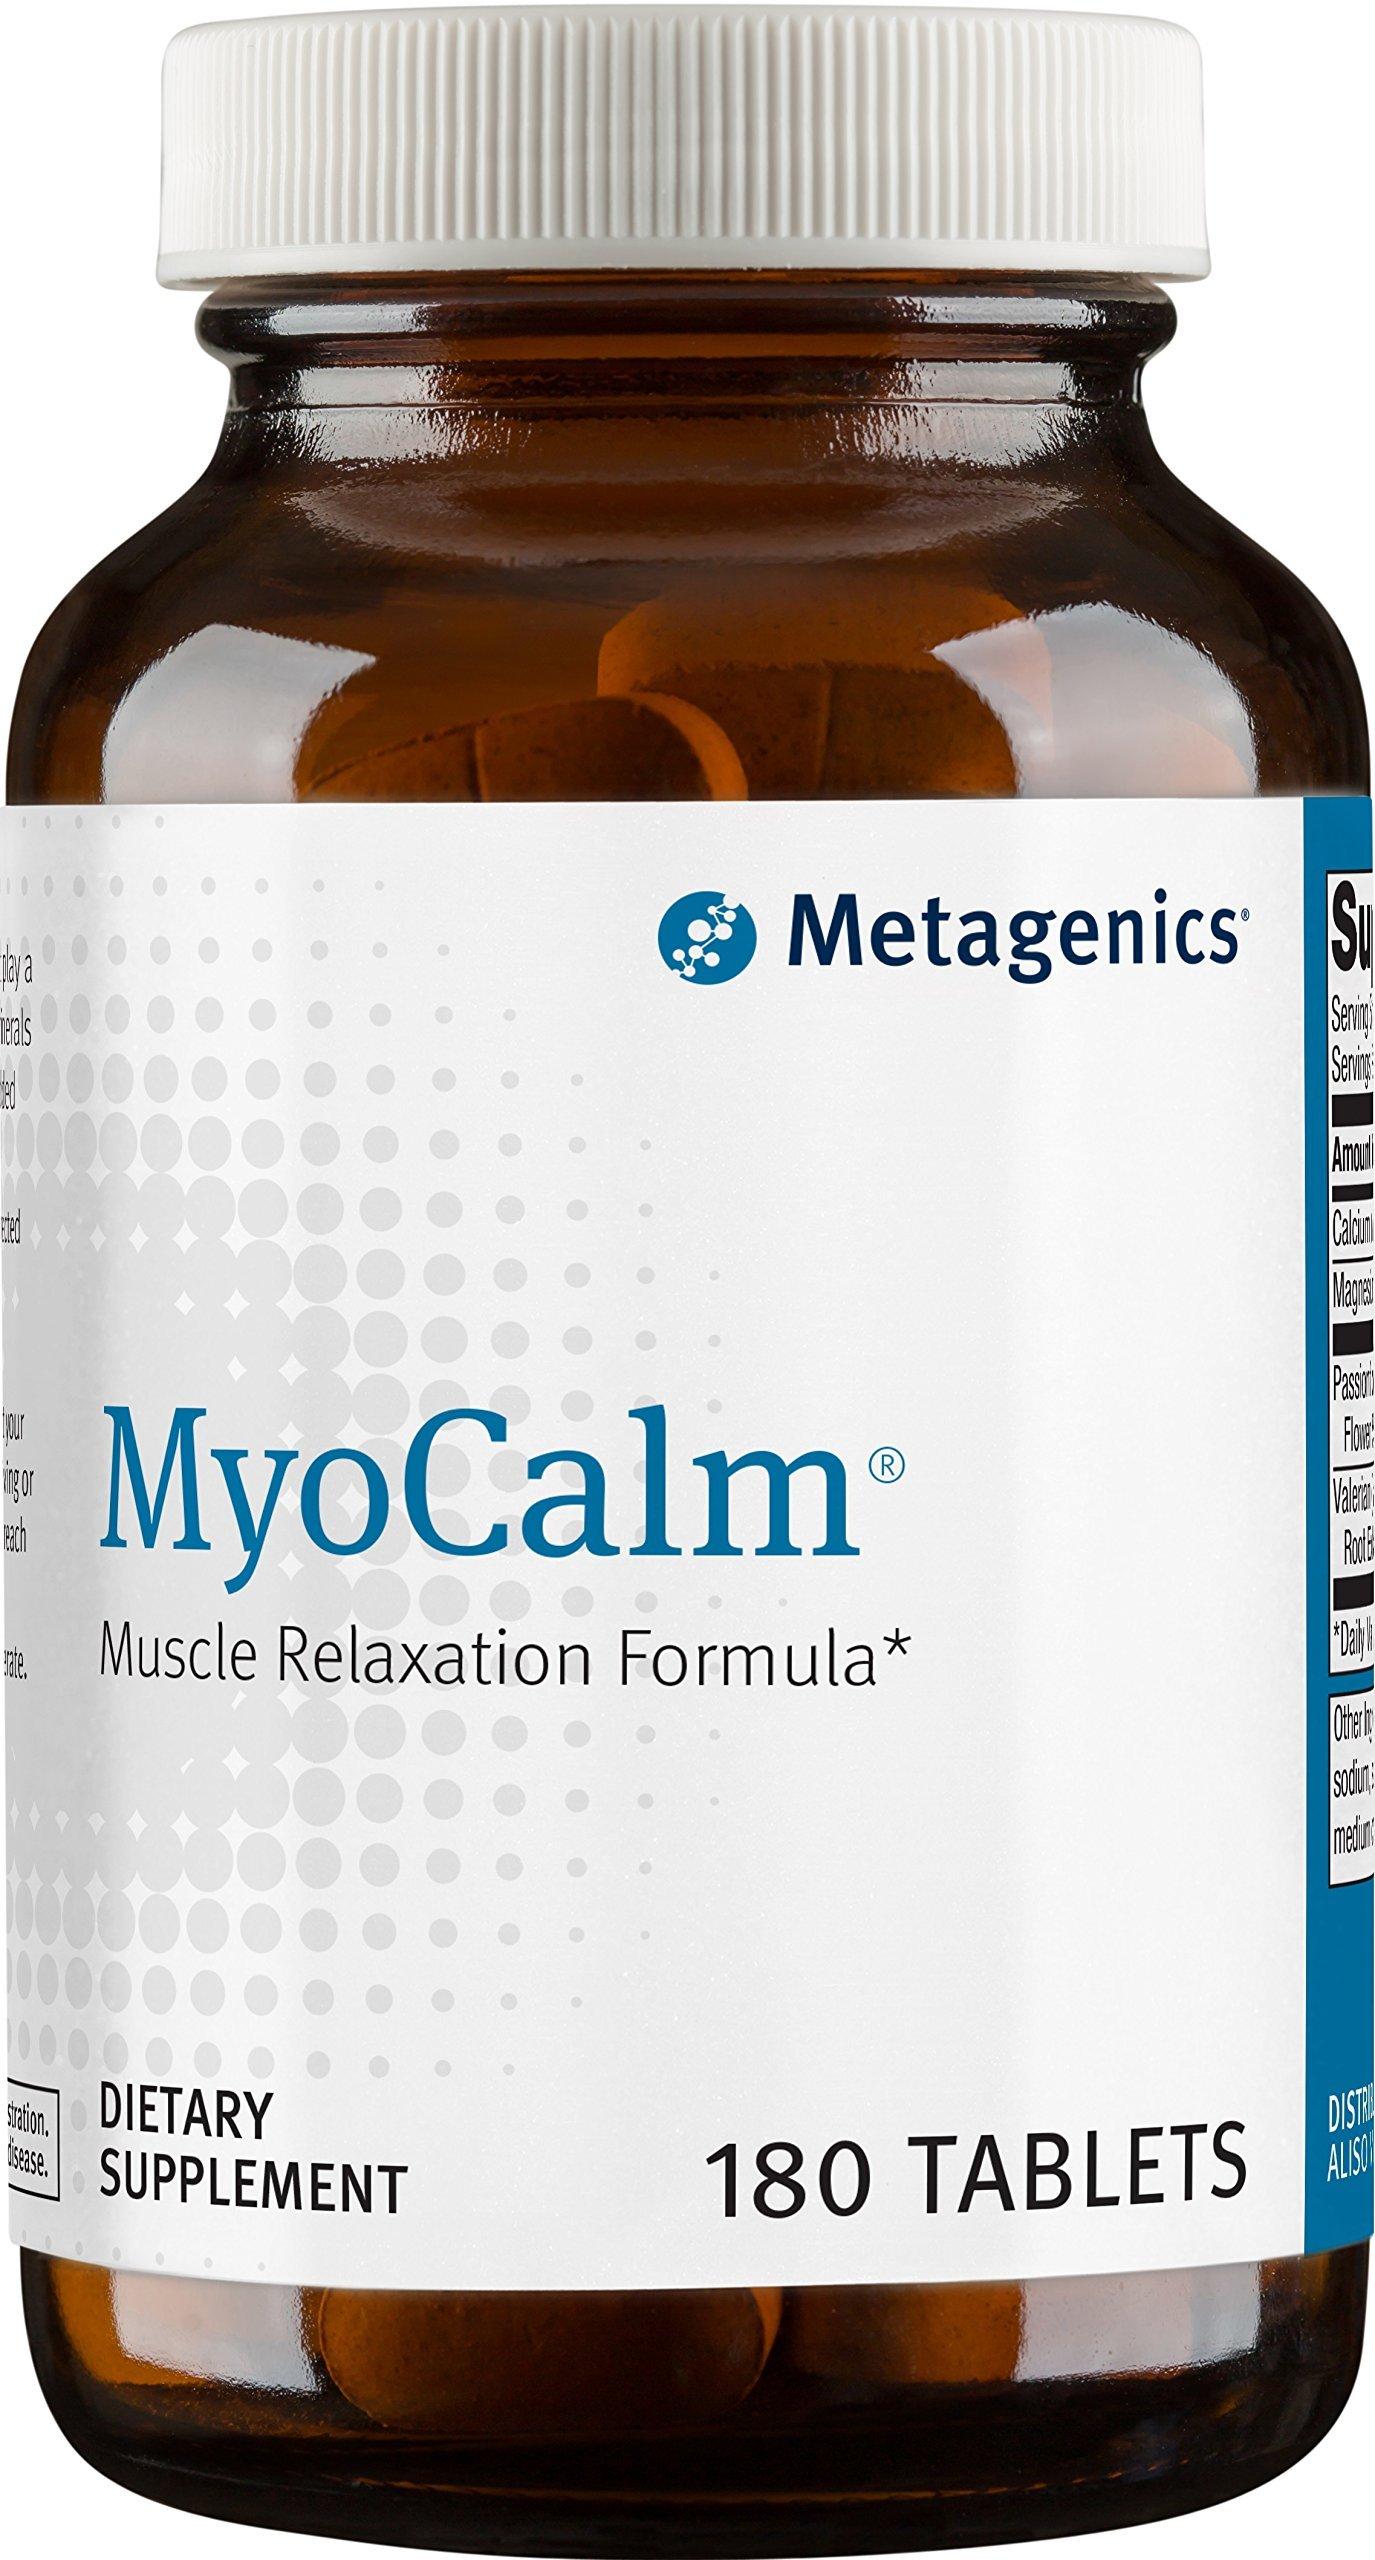 Metagenics - MyoCalm, 180 Count by Metagenics